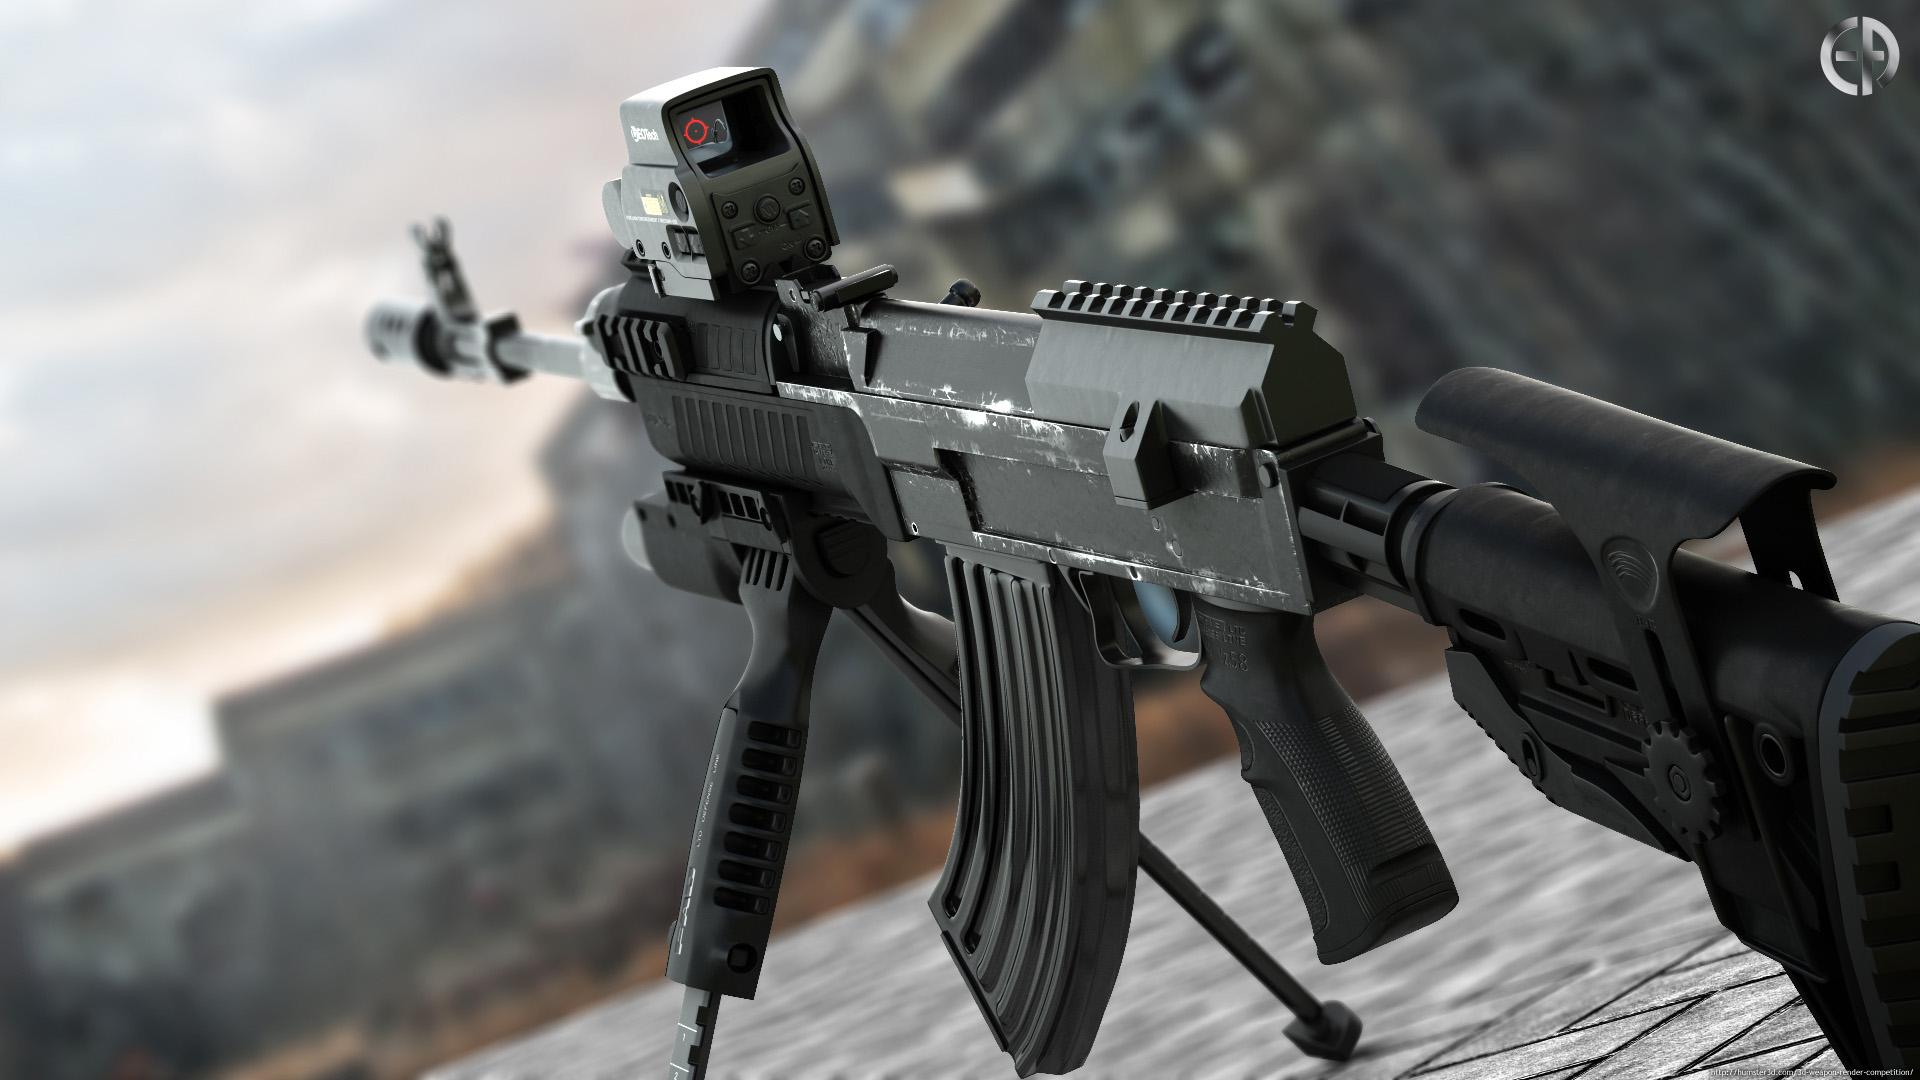 Upgraded VZ-58 3d art